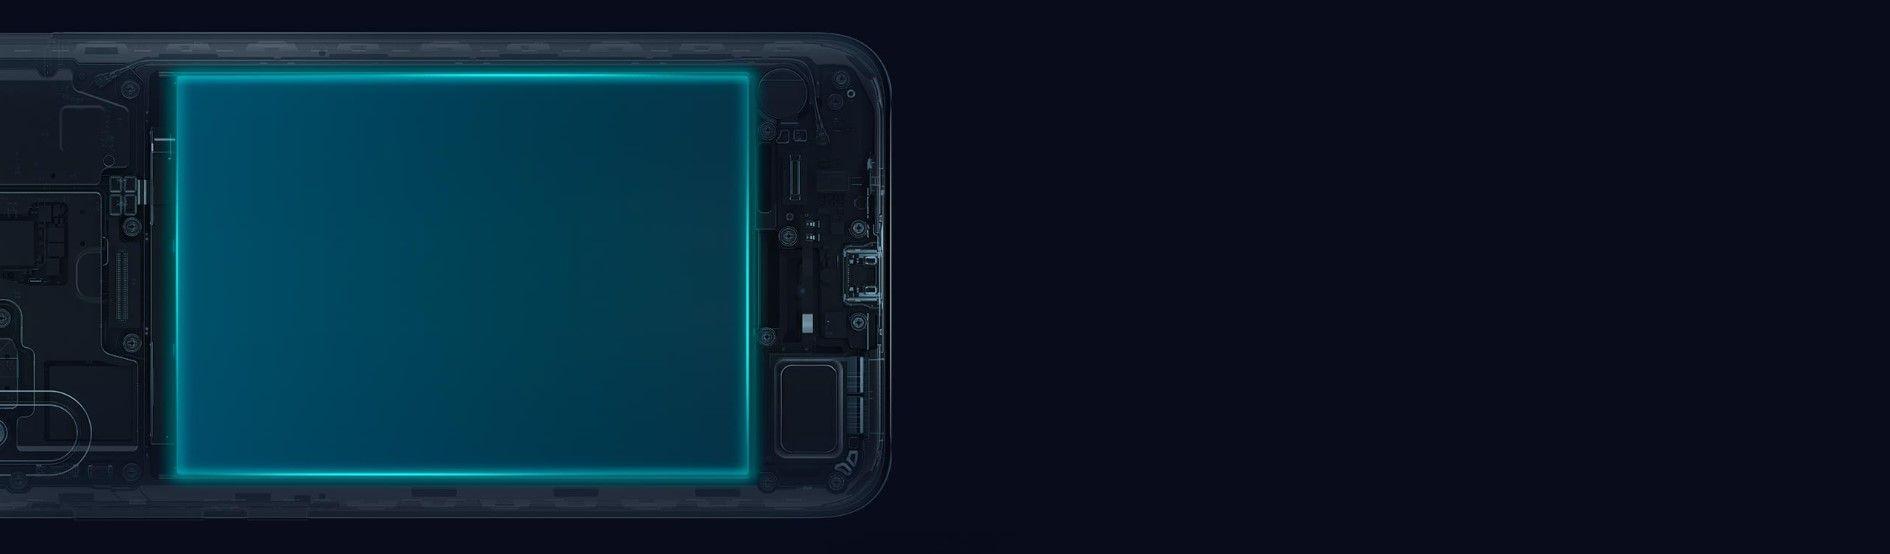 Xiaomi Redmi 9A повышенная емкость аккумулятора